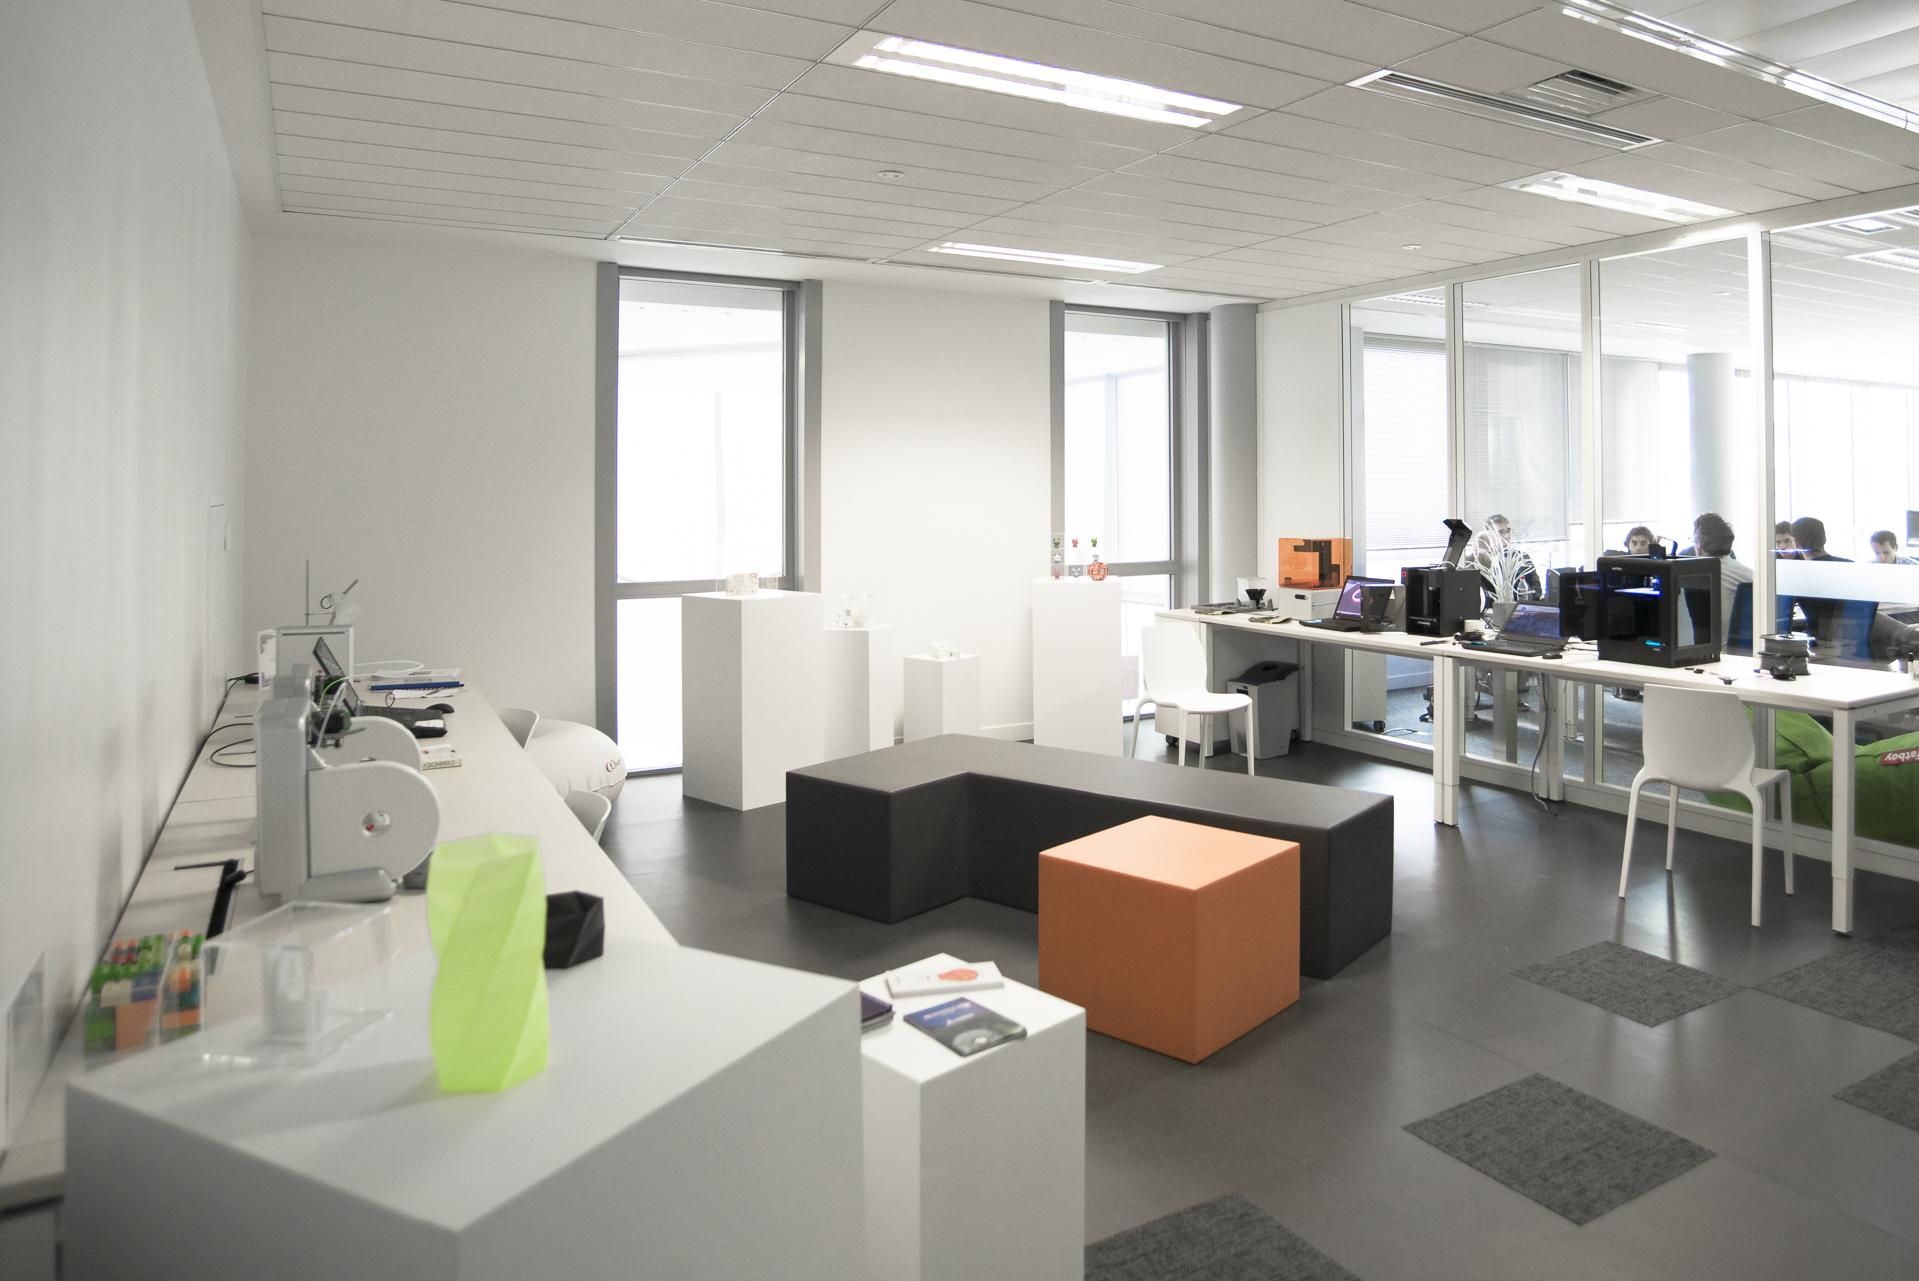 3DEXPERIENCE Lab_en images_16